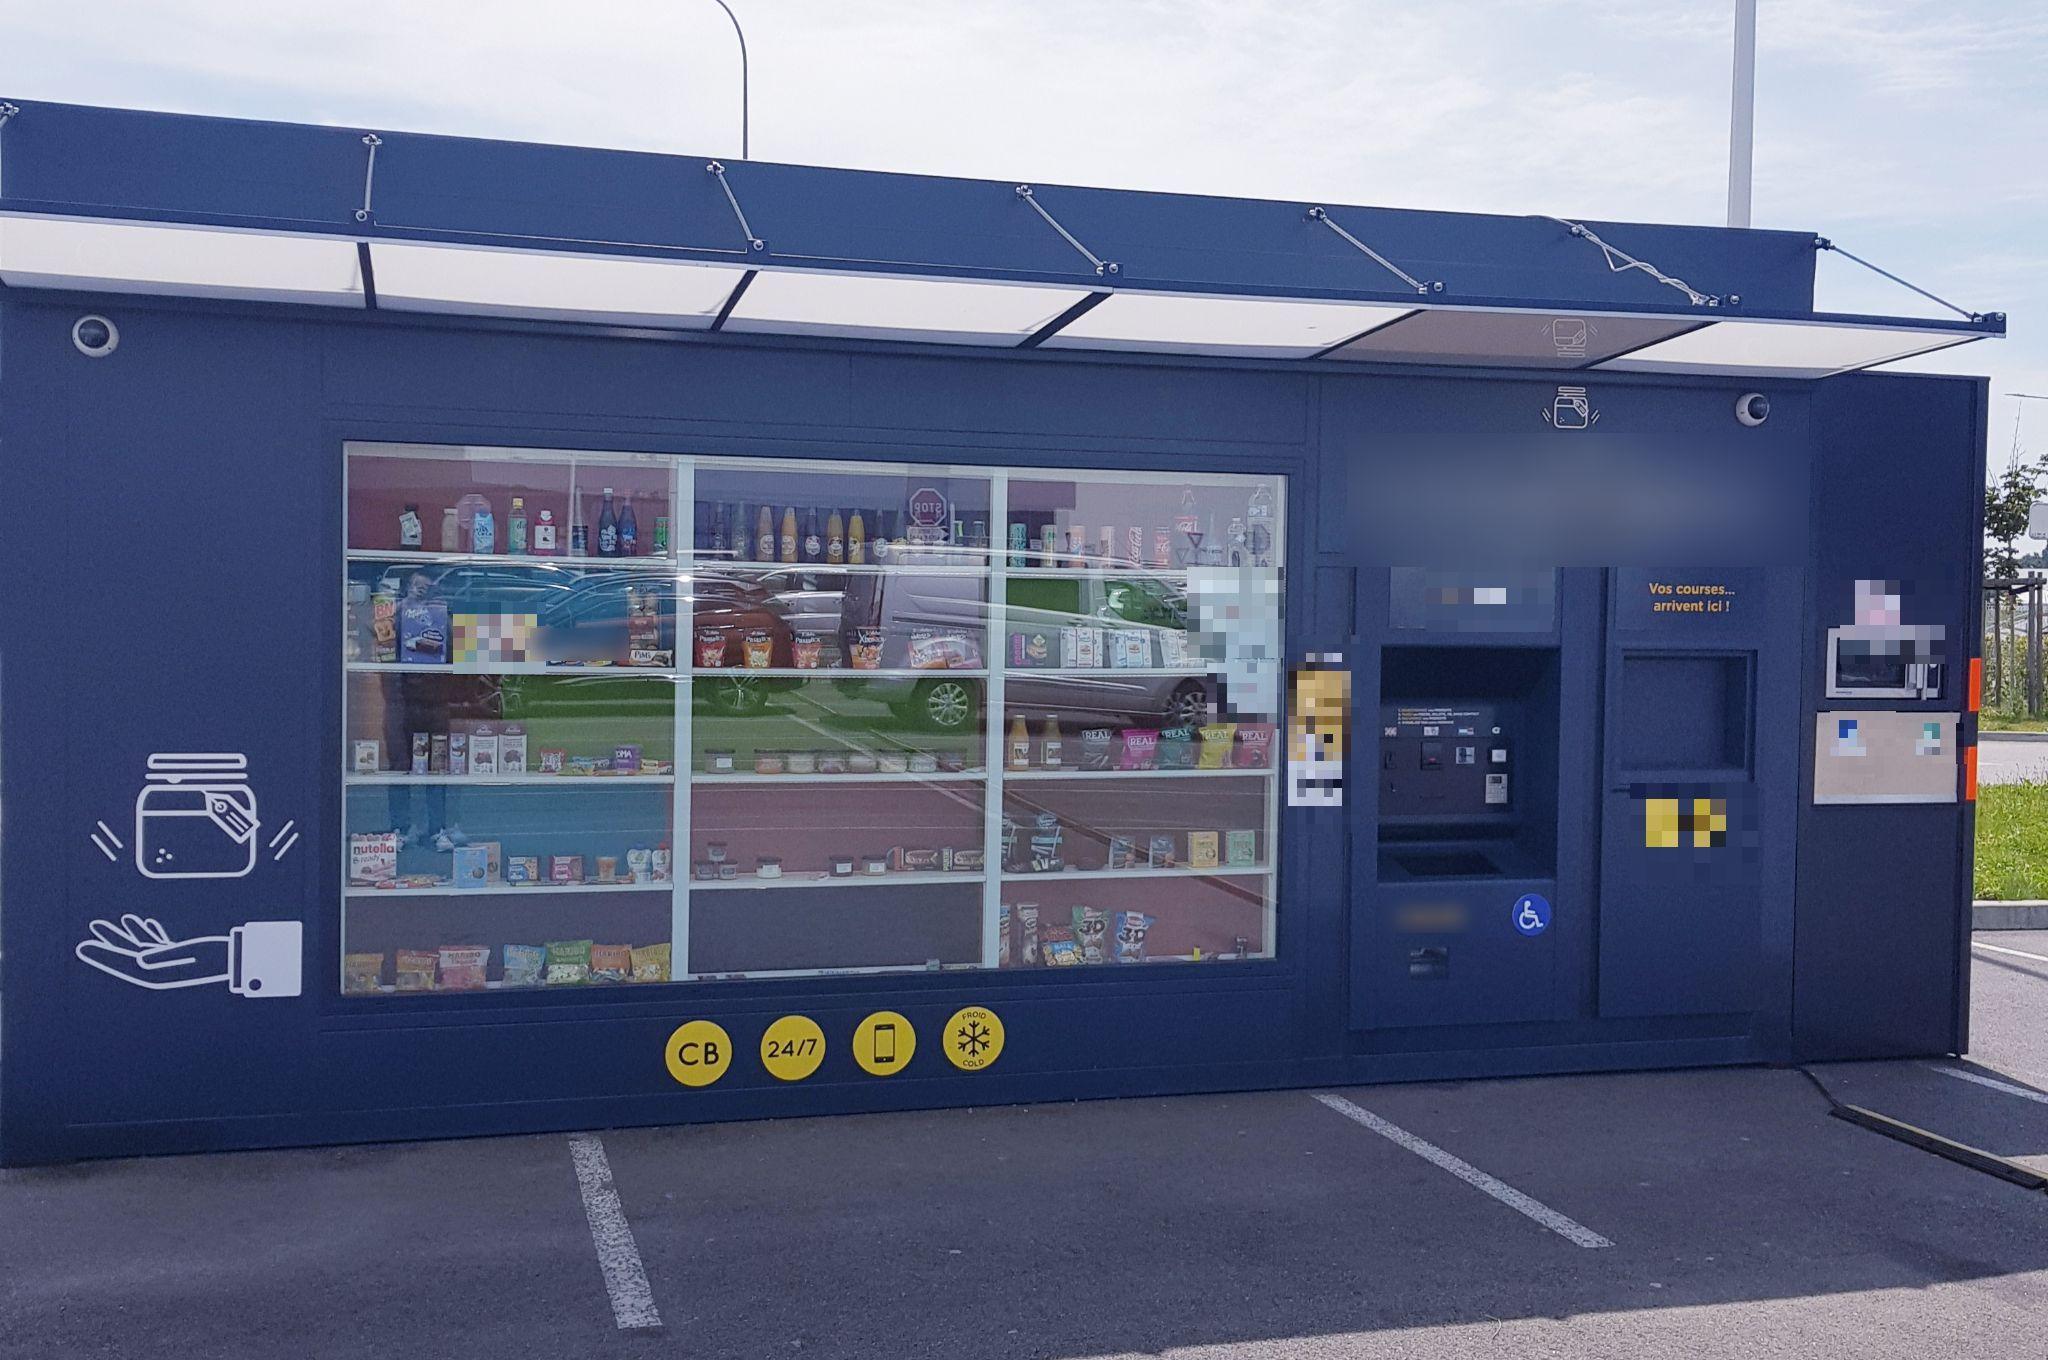 Vente Kiosque automatique en Vendée (85)